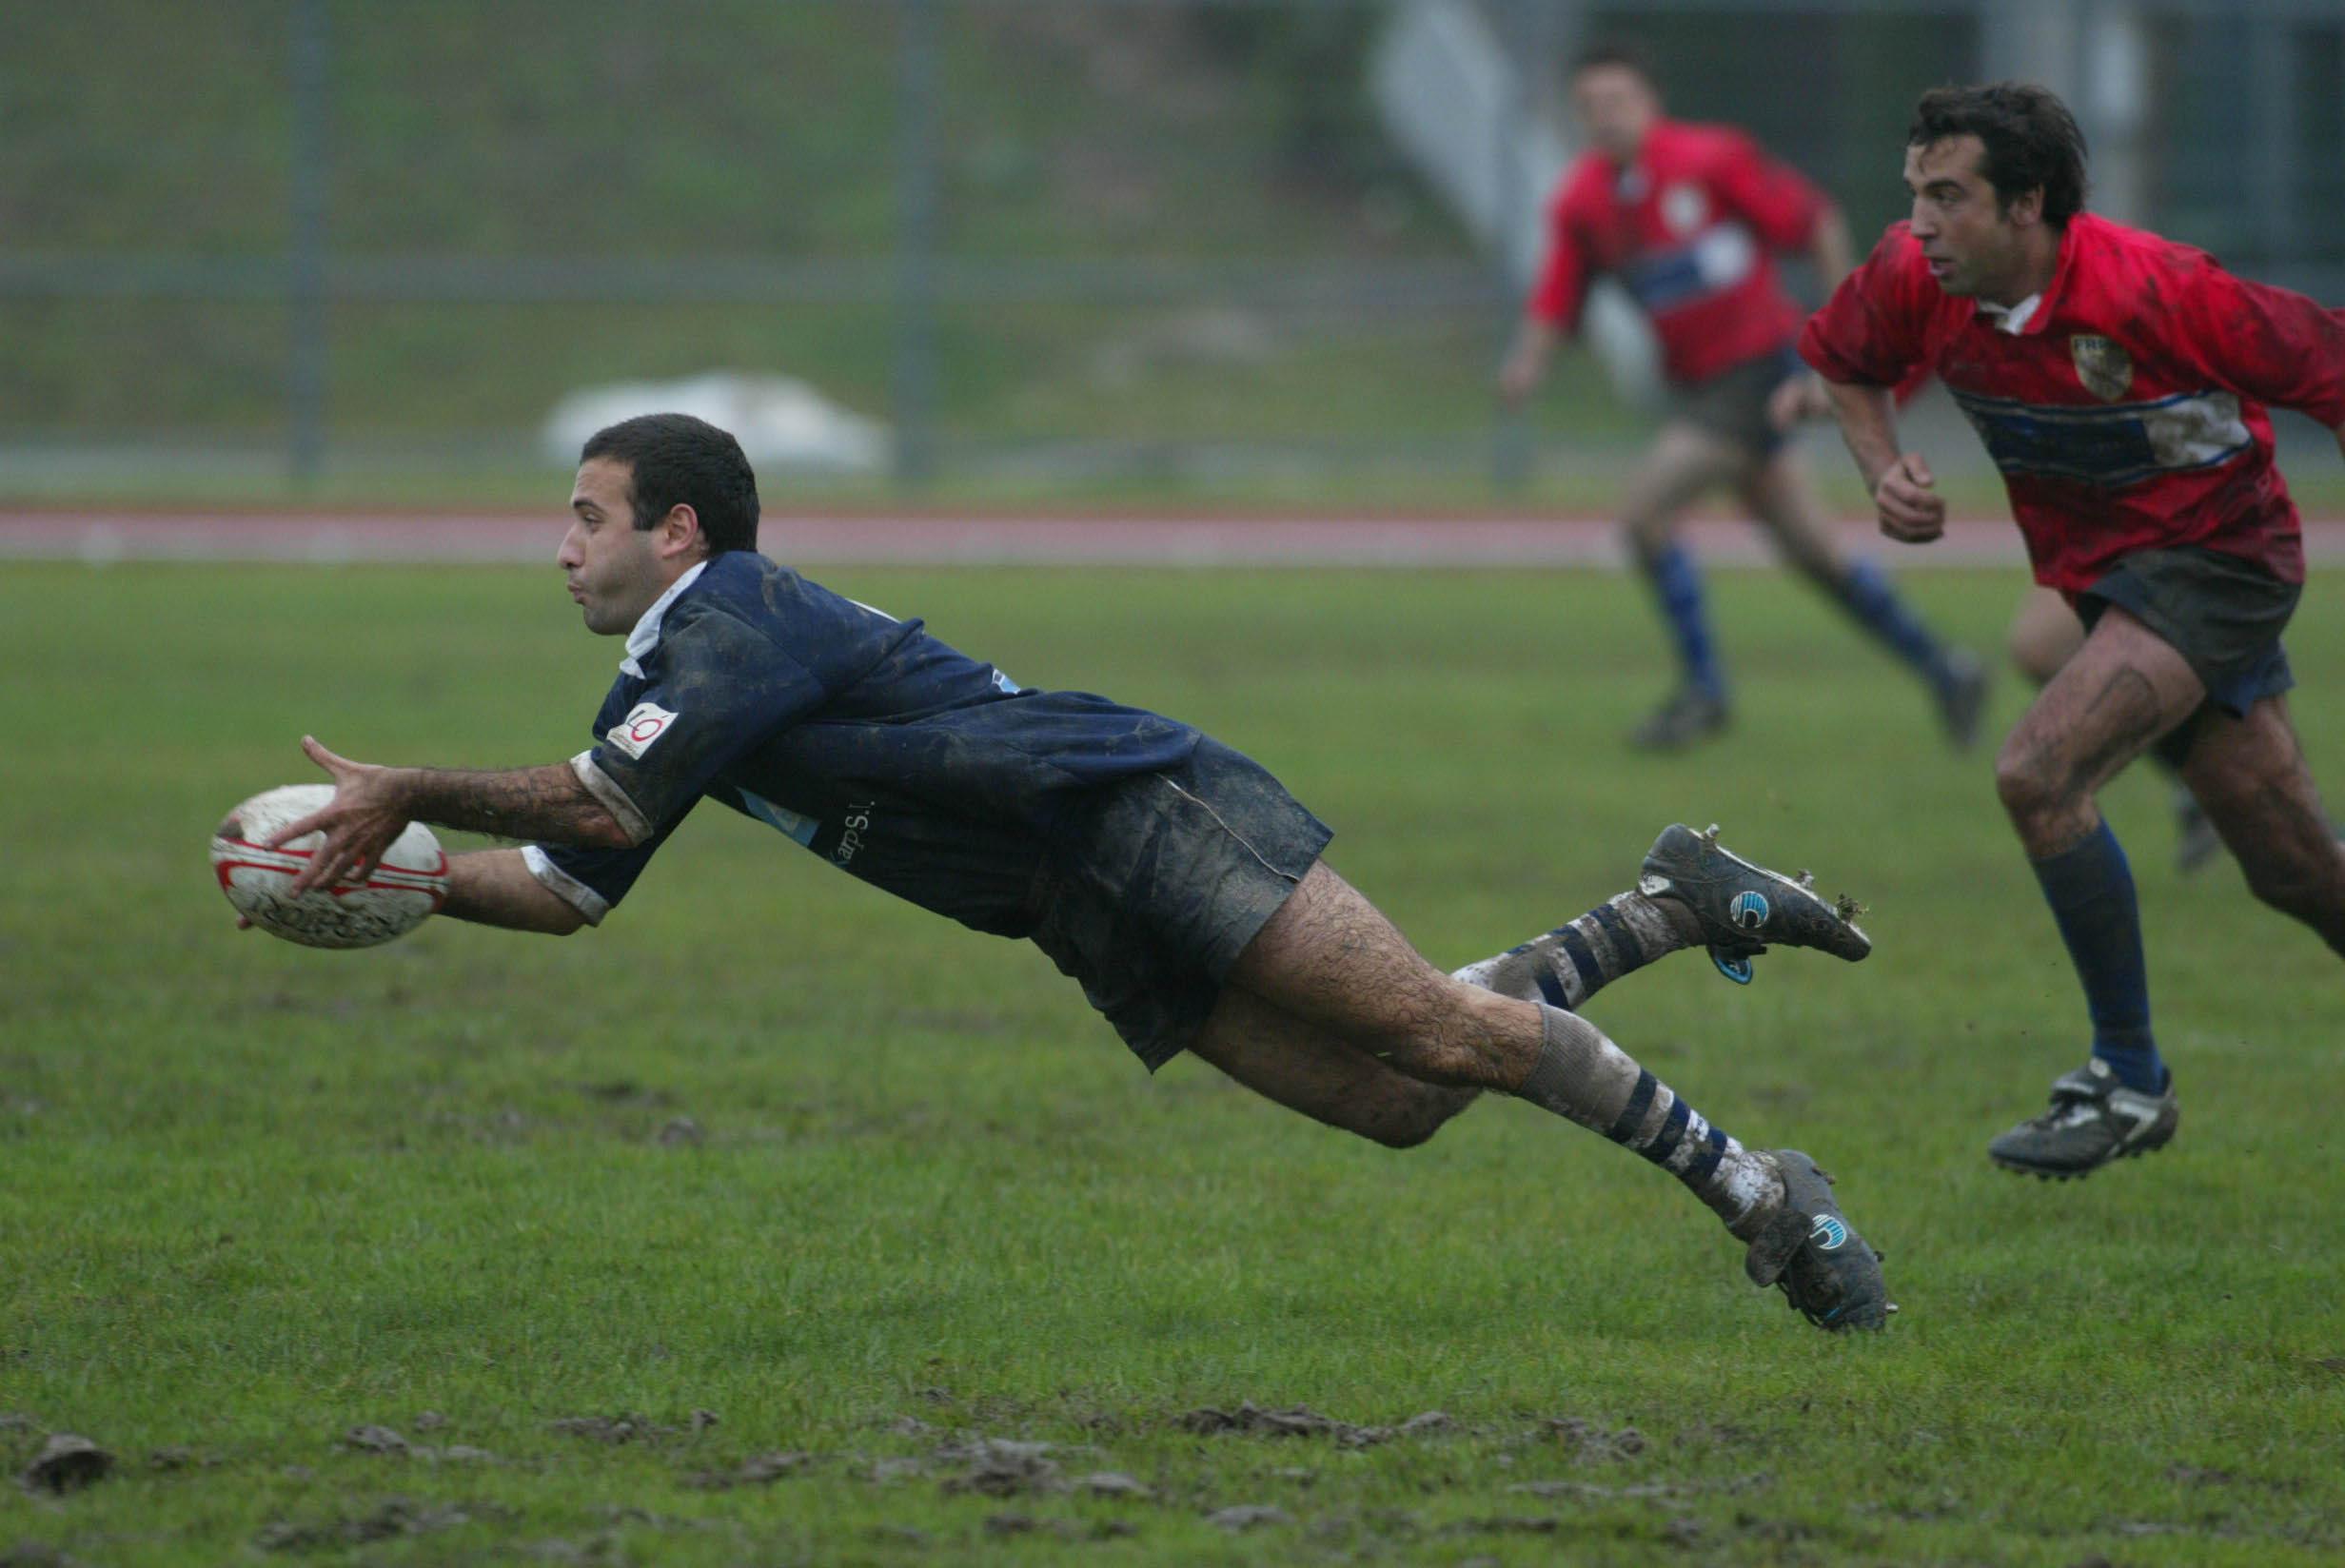 Vigo rugby